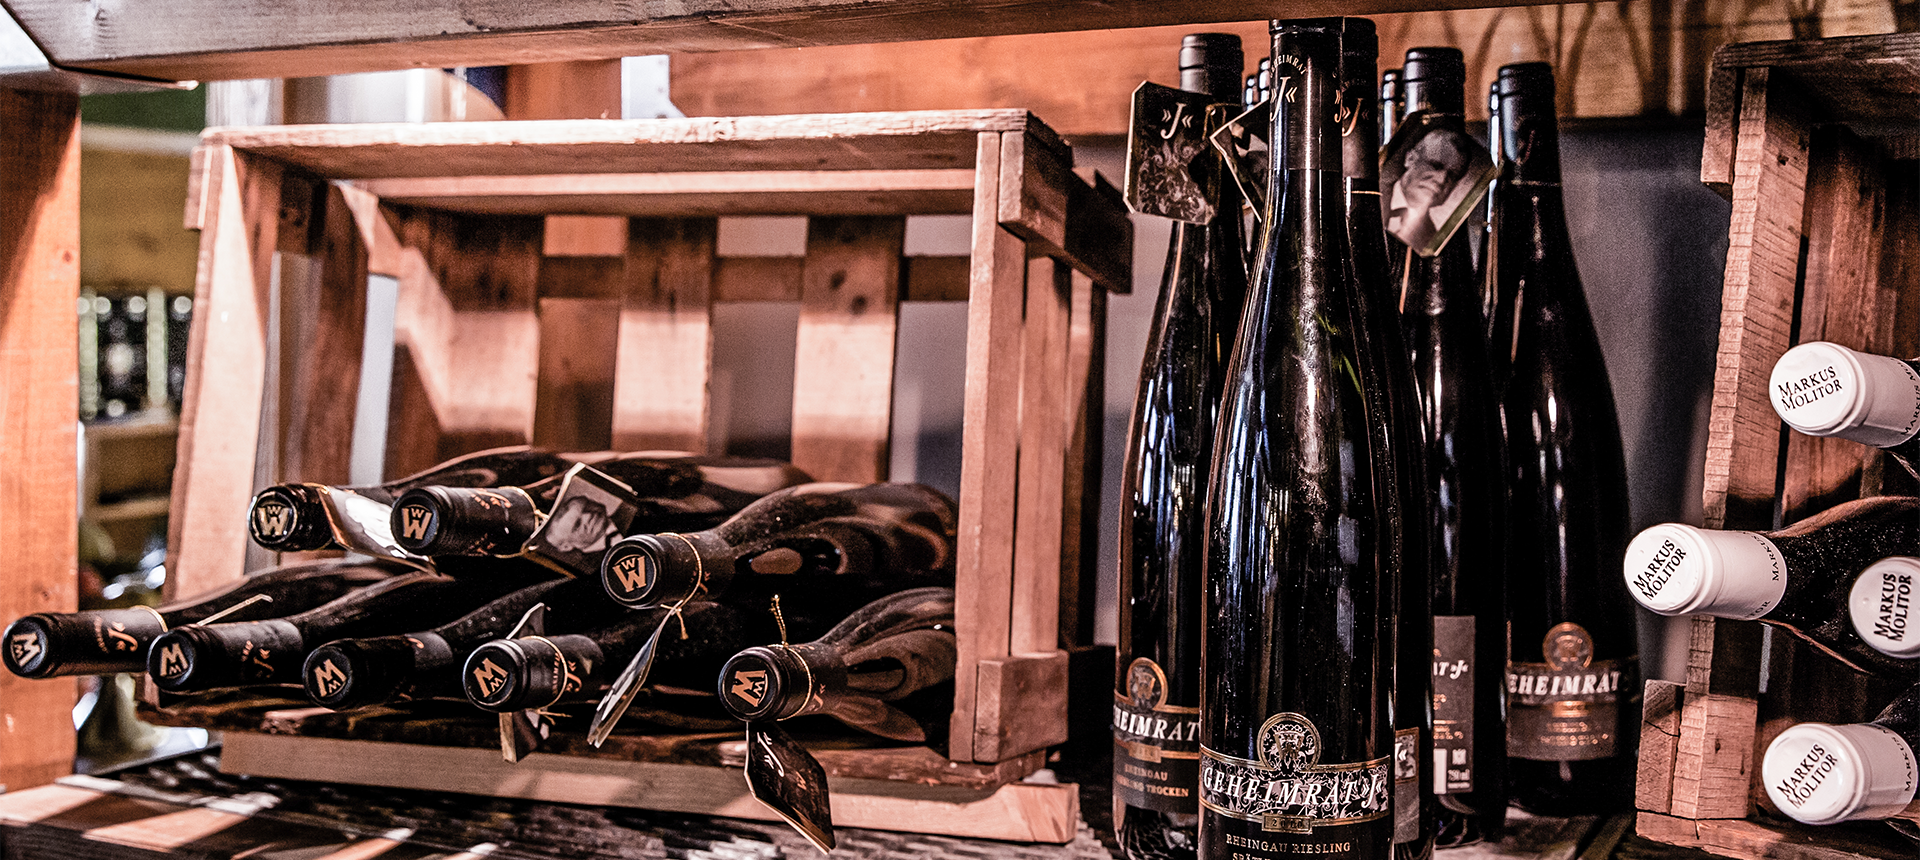 Wein & Getränkekarte